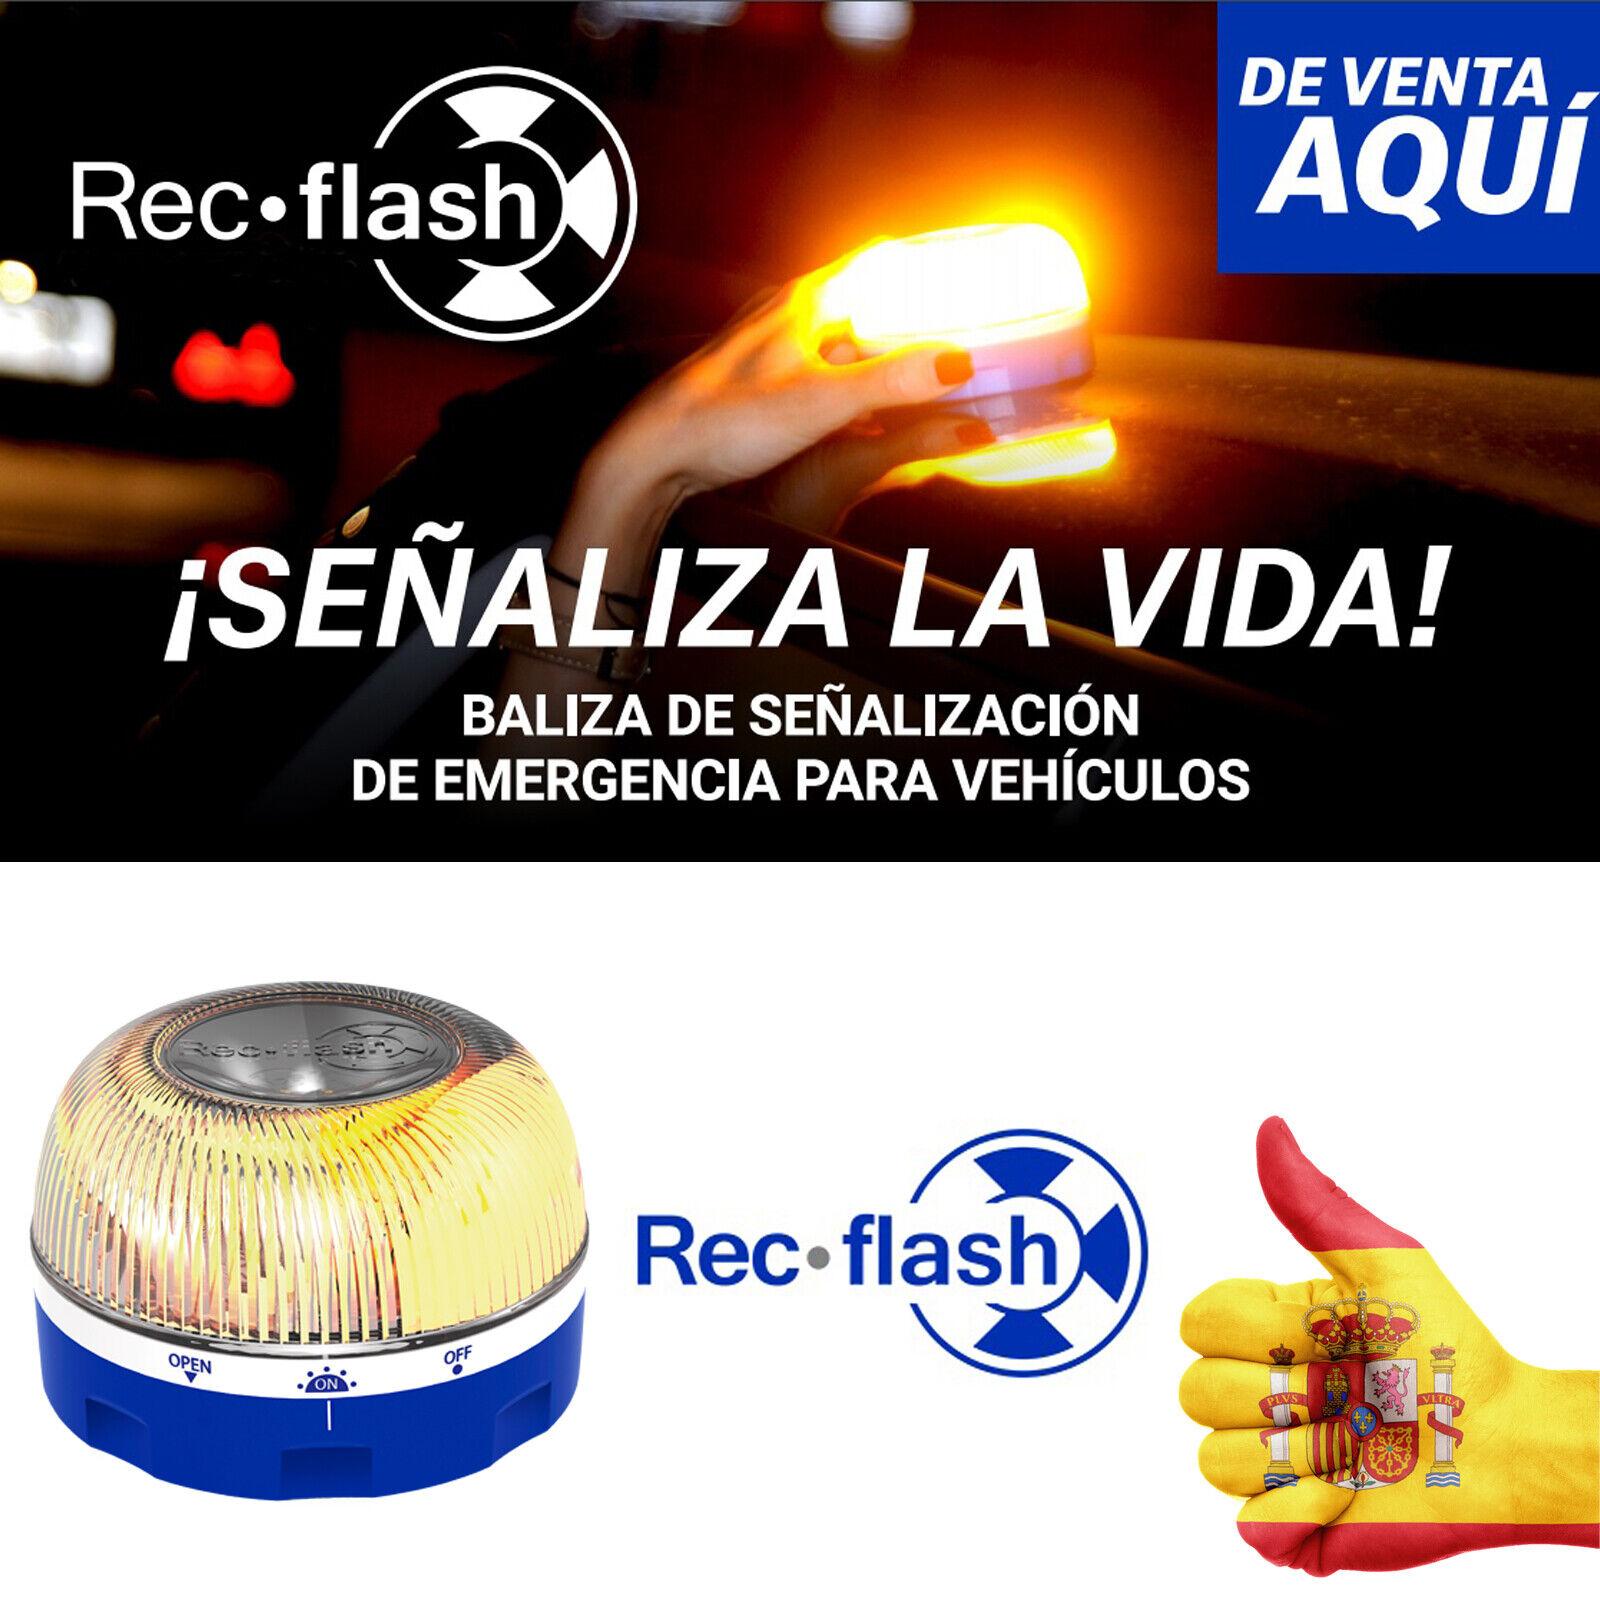 Help Rec Flash - Luz de Emergencia Autónoma - Señal V16 Homologada por la DGT